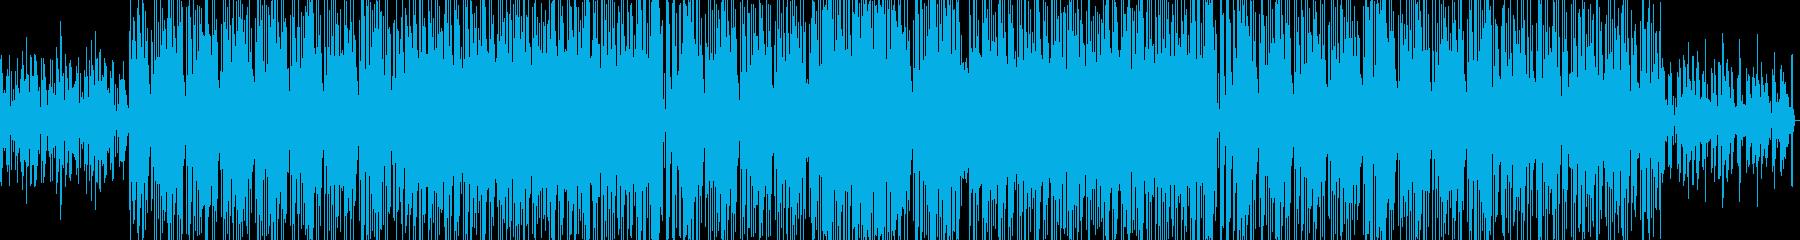 ヒップホップ・ファンキーソウルの再生済みの波形